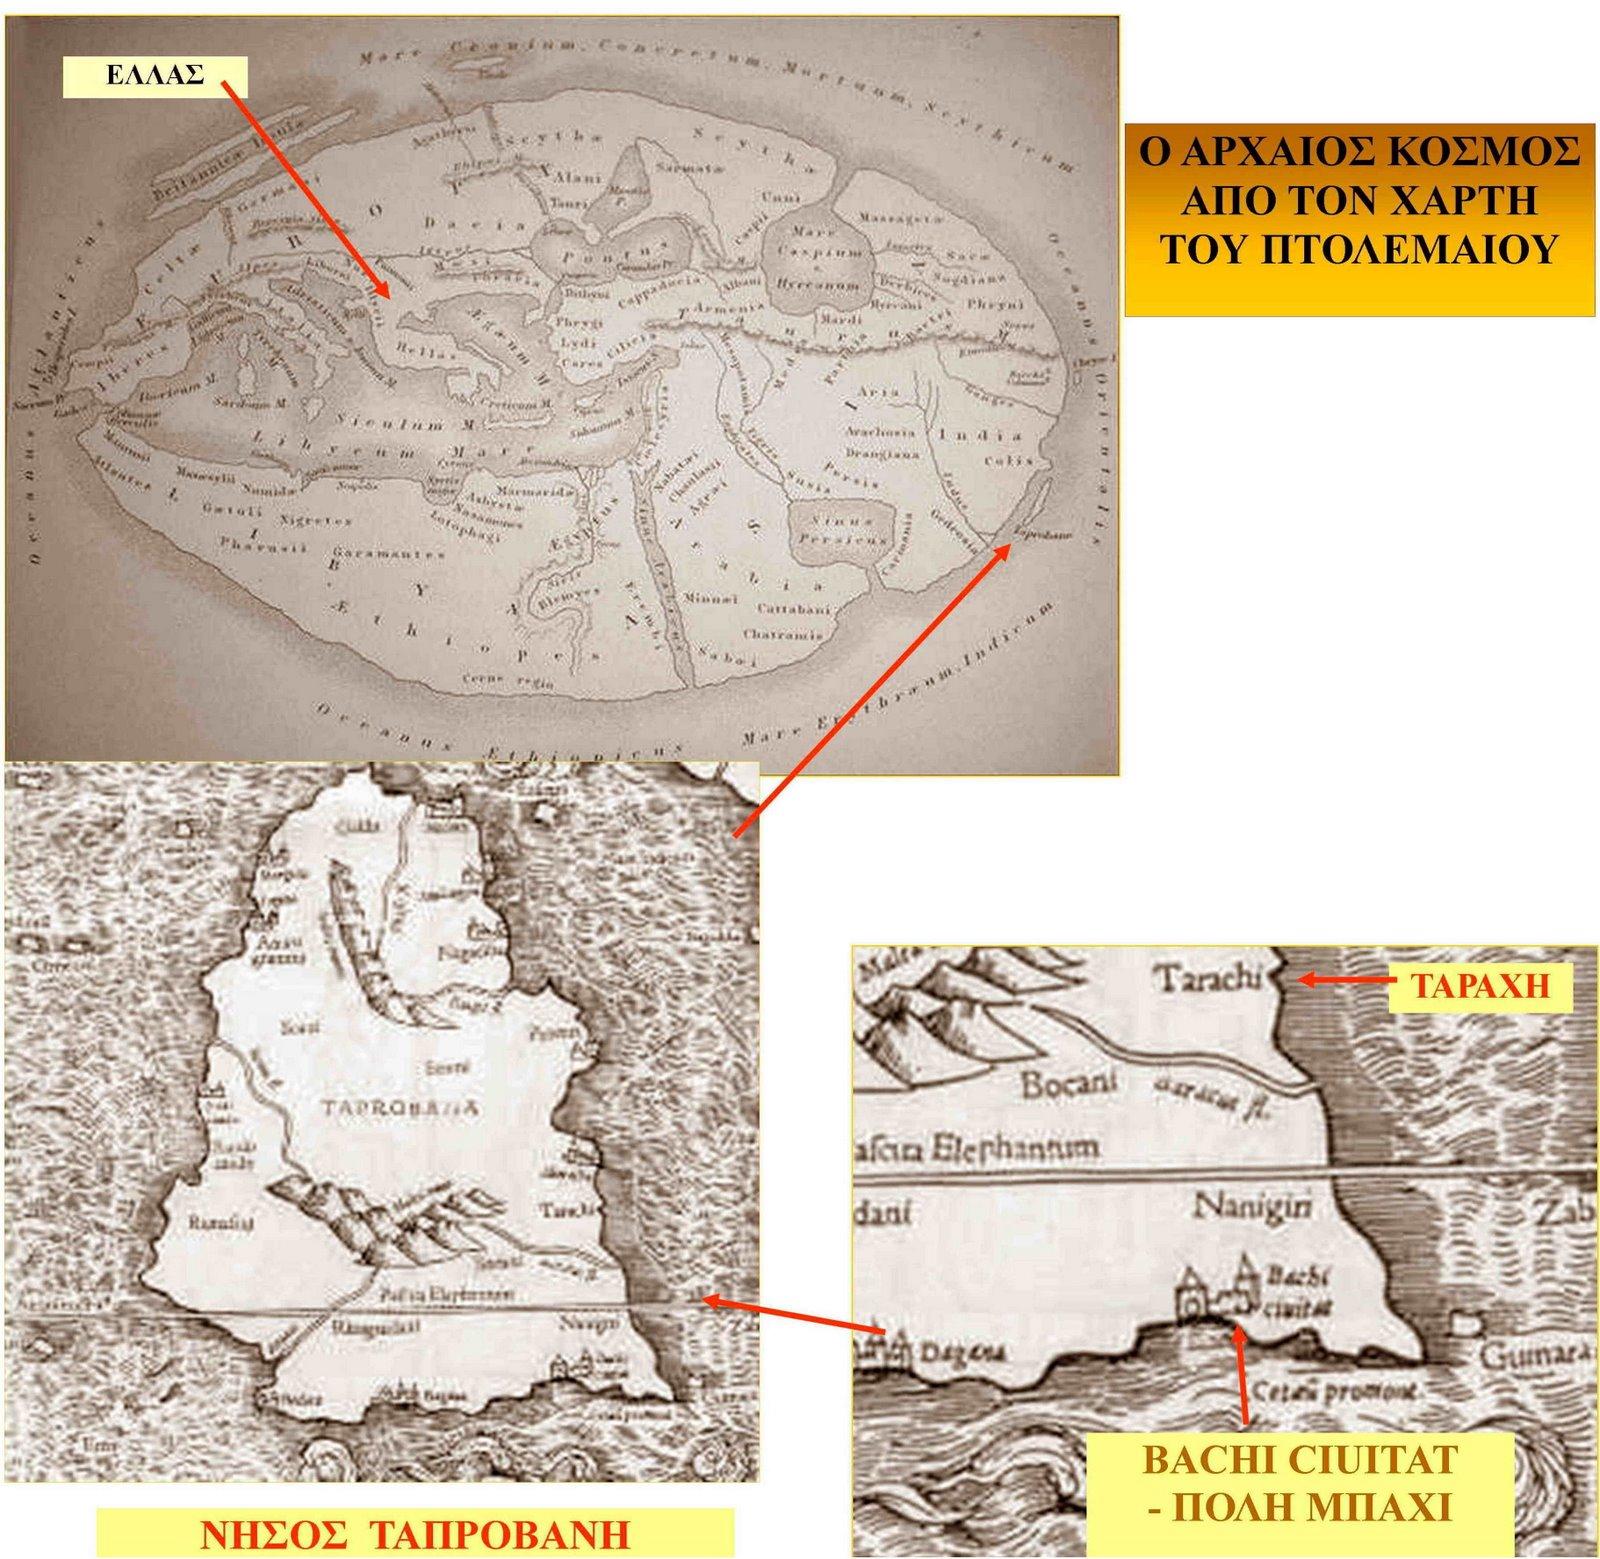 Φωτογραφία: Ο Χάρτης του Κλαύδιου Πτολεμαίου. Σε μεγέθυνση η νήσος Ταπροβάνη και το ακρωτήρι που αναφέρεται.(κλικ για μεγέθυνση)